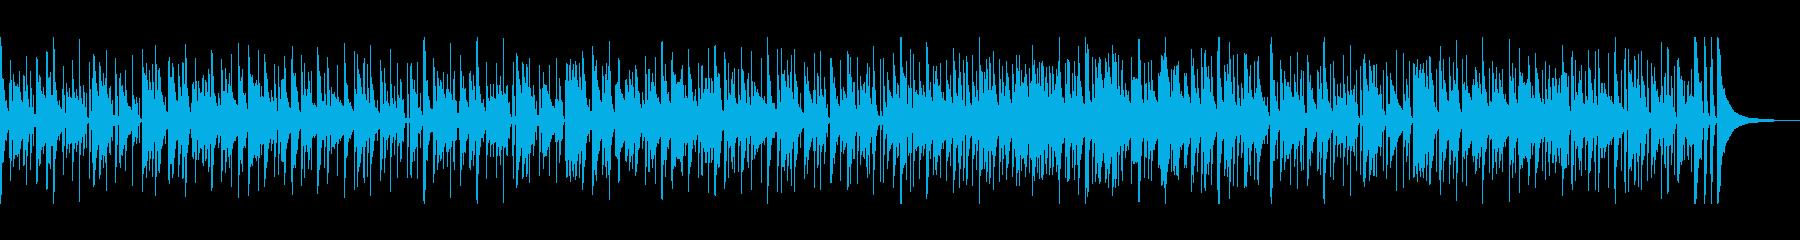 ゆったりしっとり、大人な雰囲気のボサノバの再生済みの波形